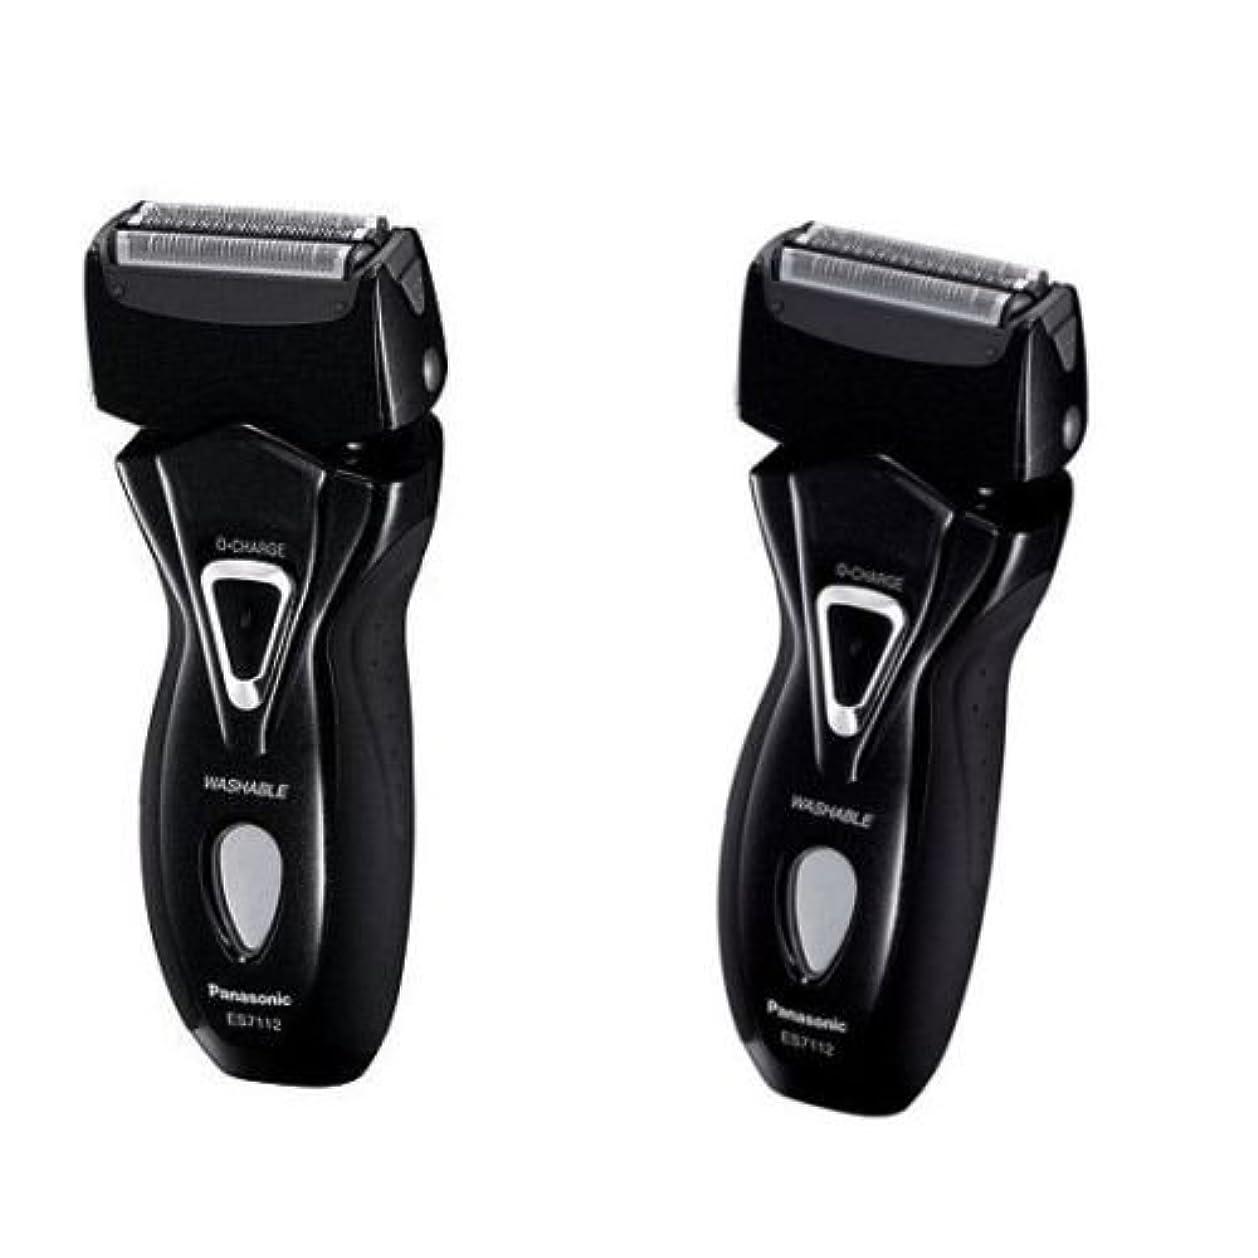 ラグ私たち利得Panasonic ES-7112 メンズシェーバーRAMのダッシュ3剃る100-240V ES7112 /純正 [並行輸入品]